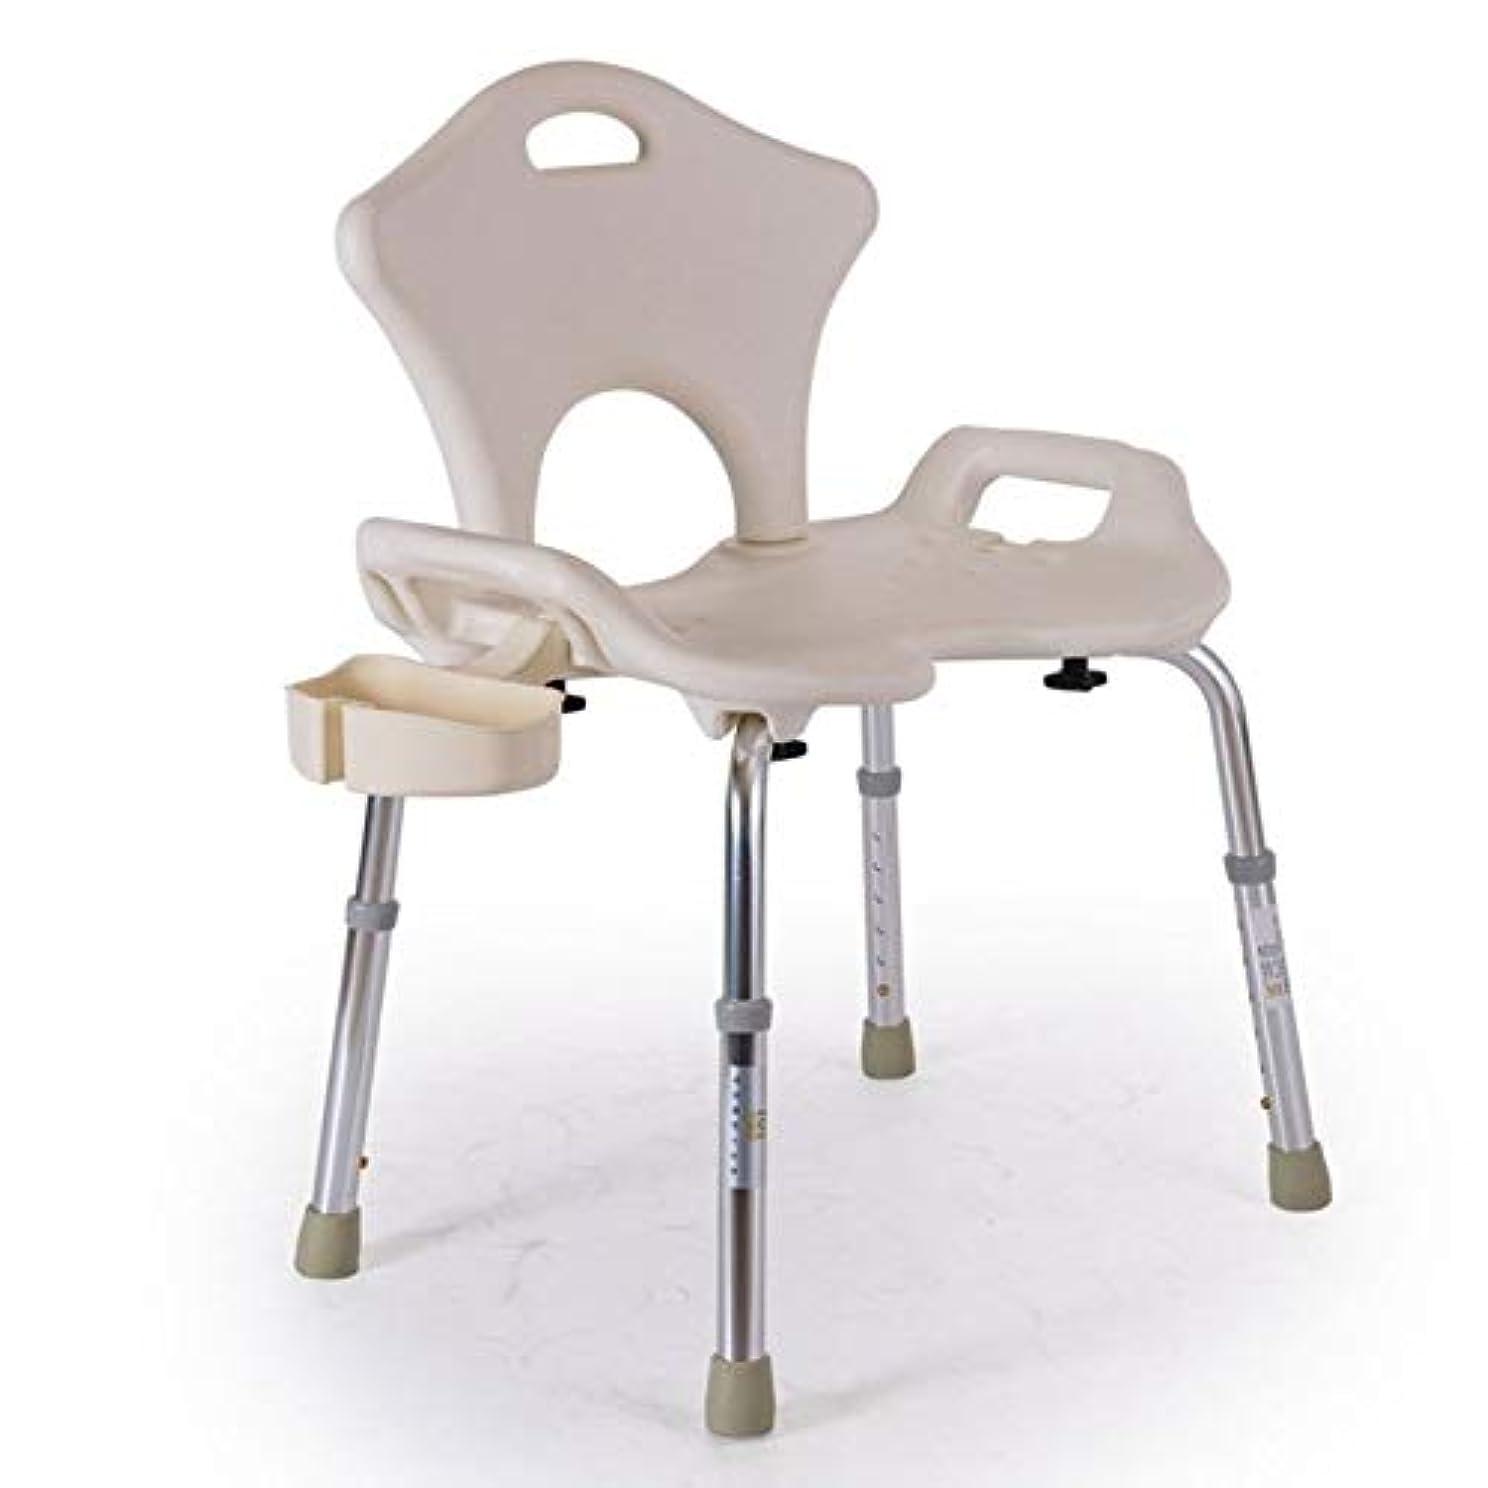 クリーナー絶対に疑い者浴室の椅子、アルミニウム合金の折り畳み式滑り止め風呂椅子